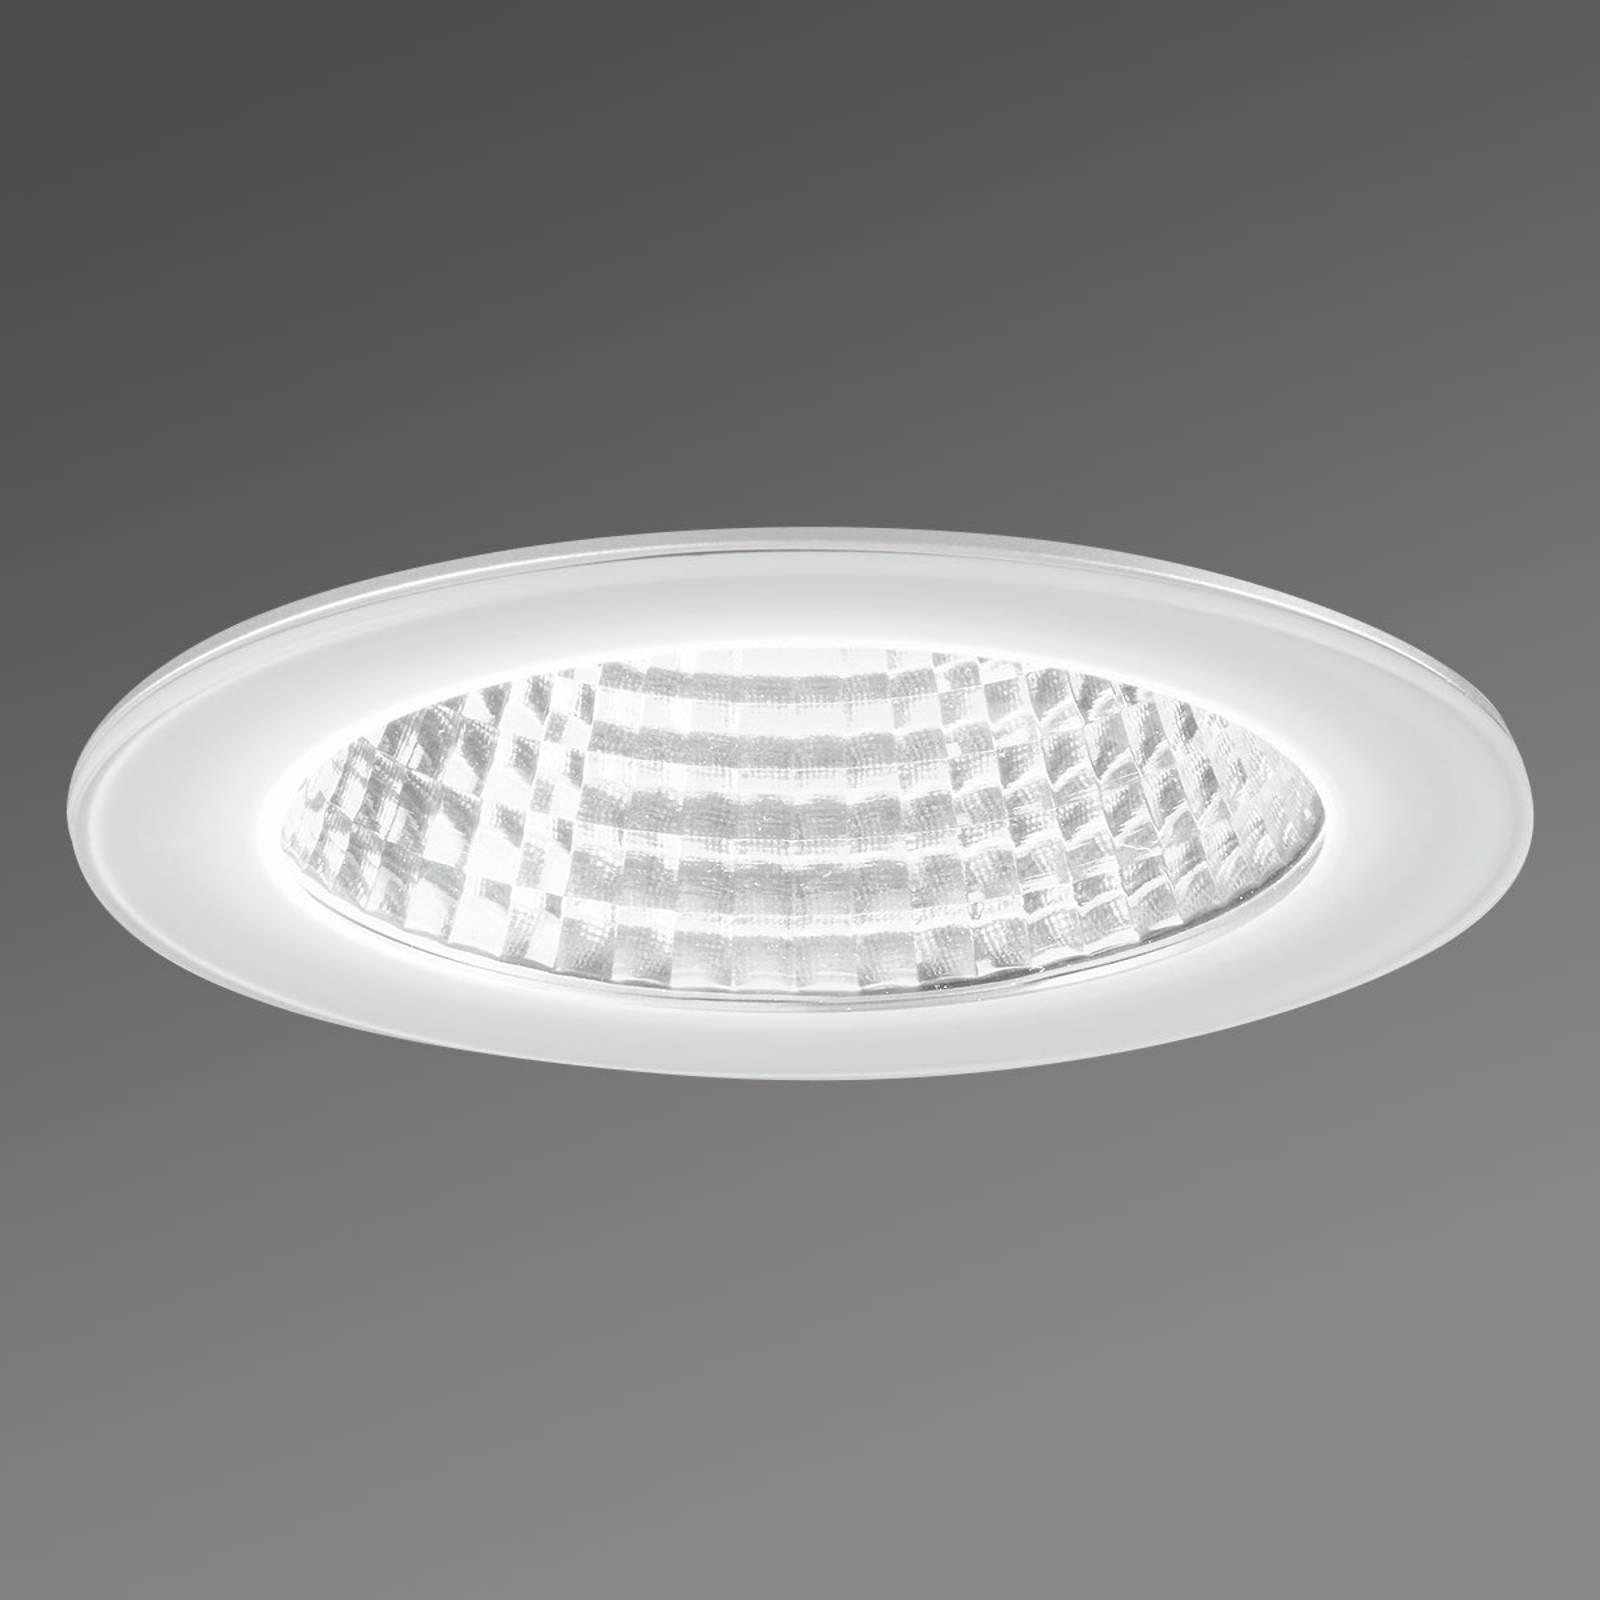 Spritzwassergeschützte LED-Einbauleuchte IDown 26 günstig online kaufen